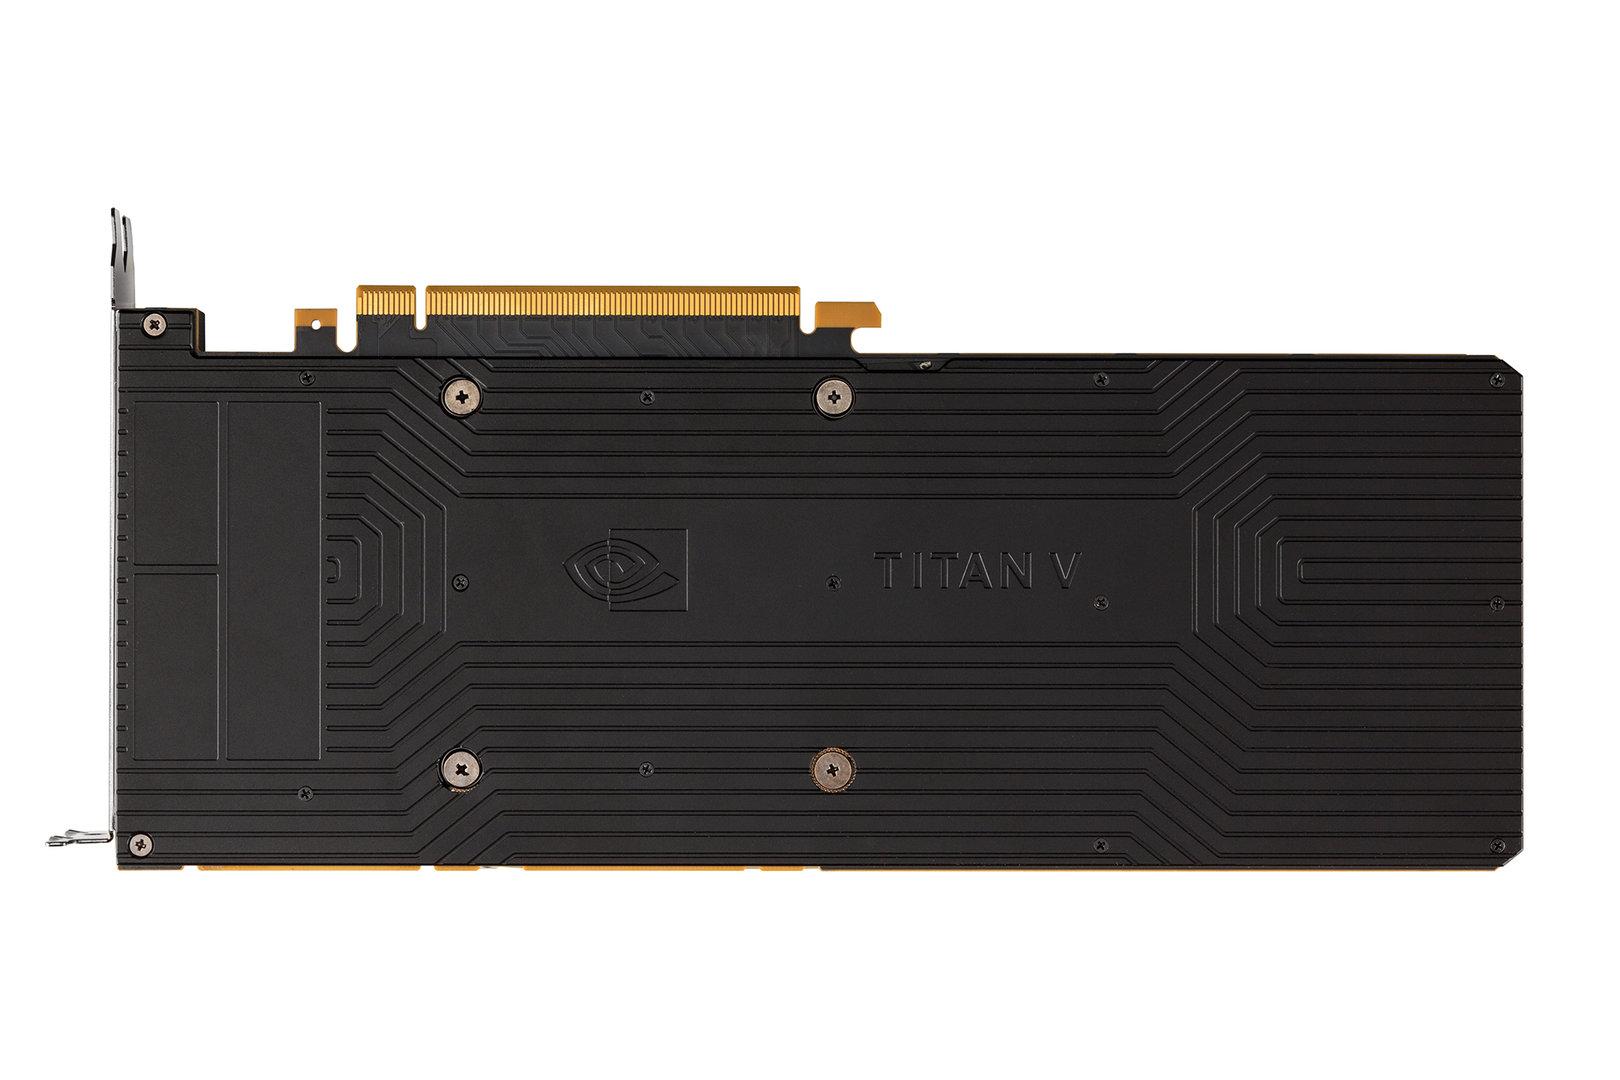 Nvidia Titan V (Volta)